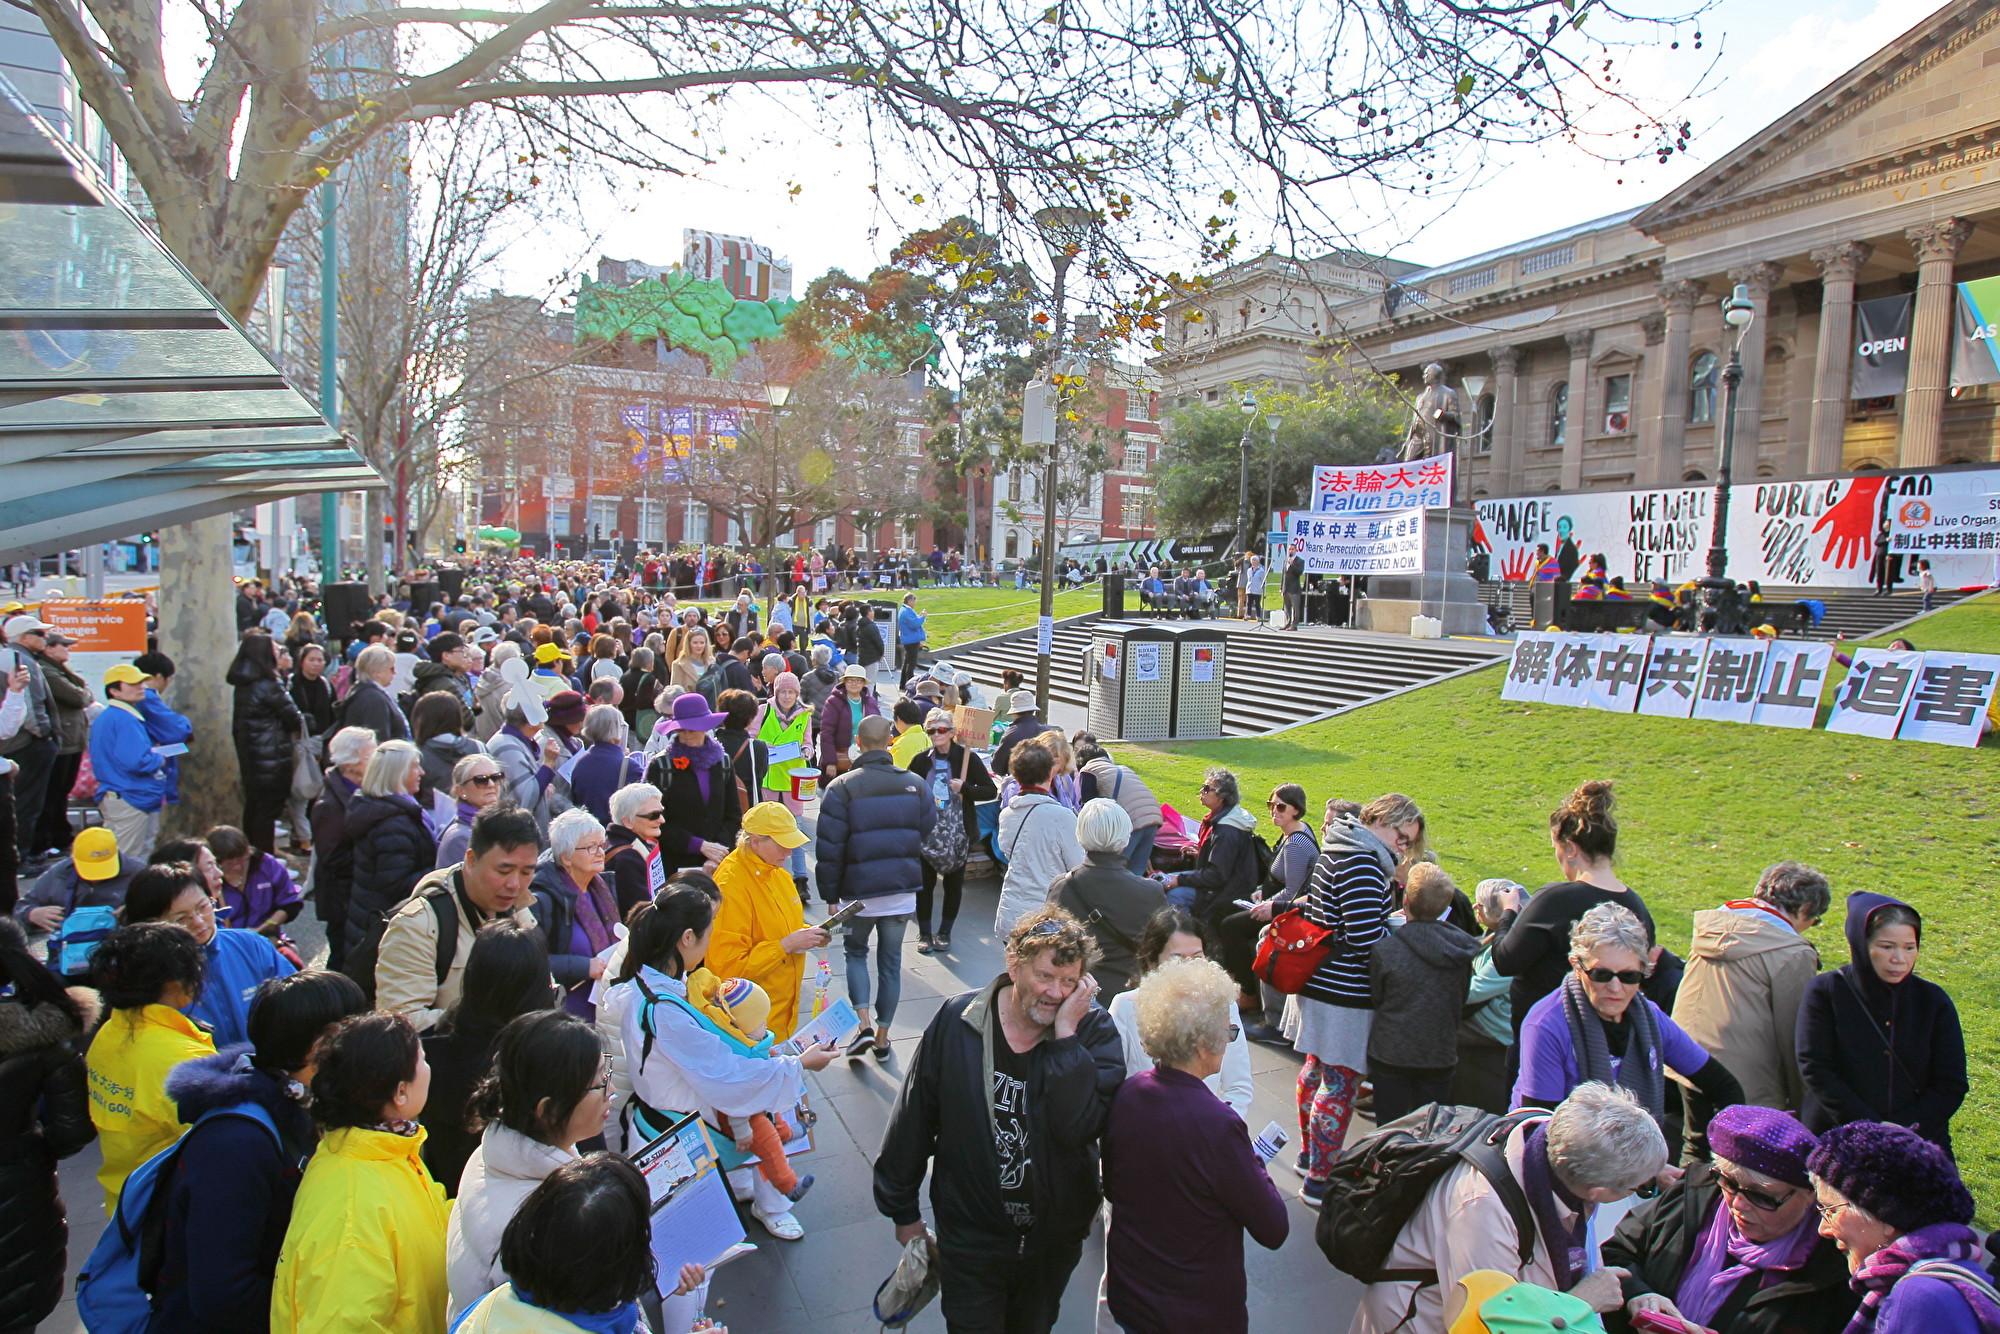 2019年7月20日,墨爾本部份法輪功學員在州立圖書館(State Library of Victoria)前舉行7‧20反迫害集會活動。 (陳明/大紀元)